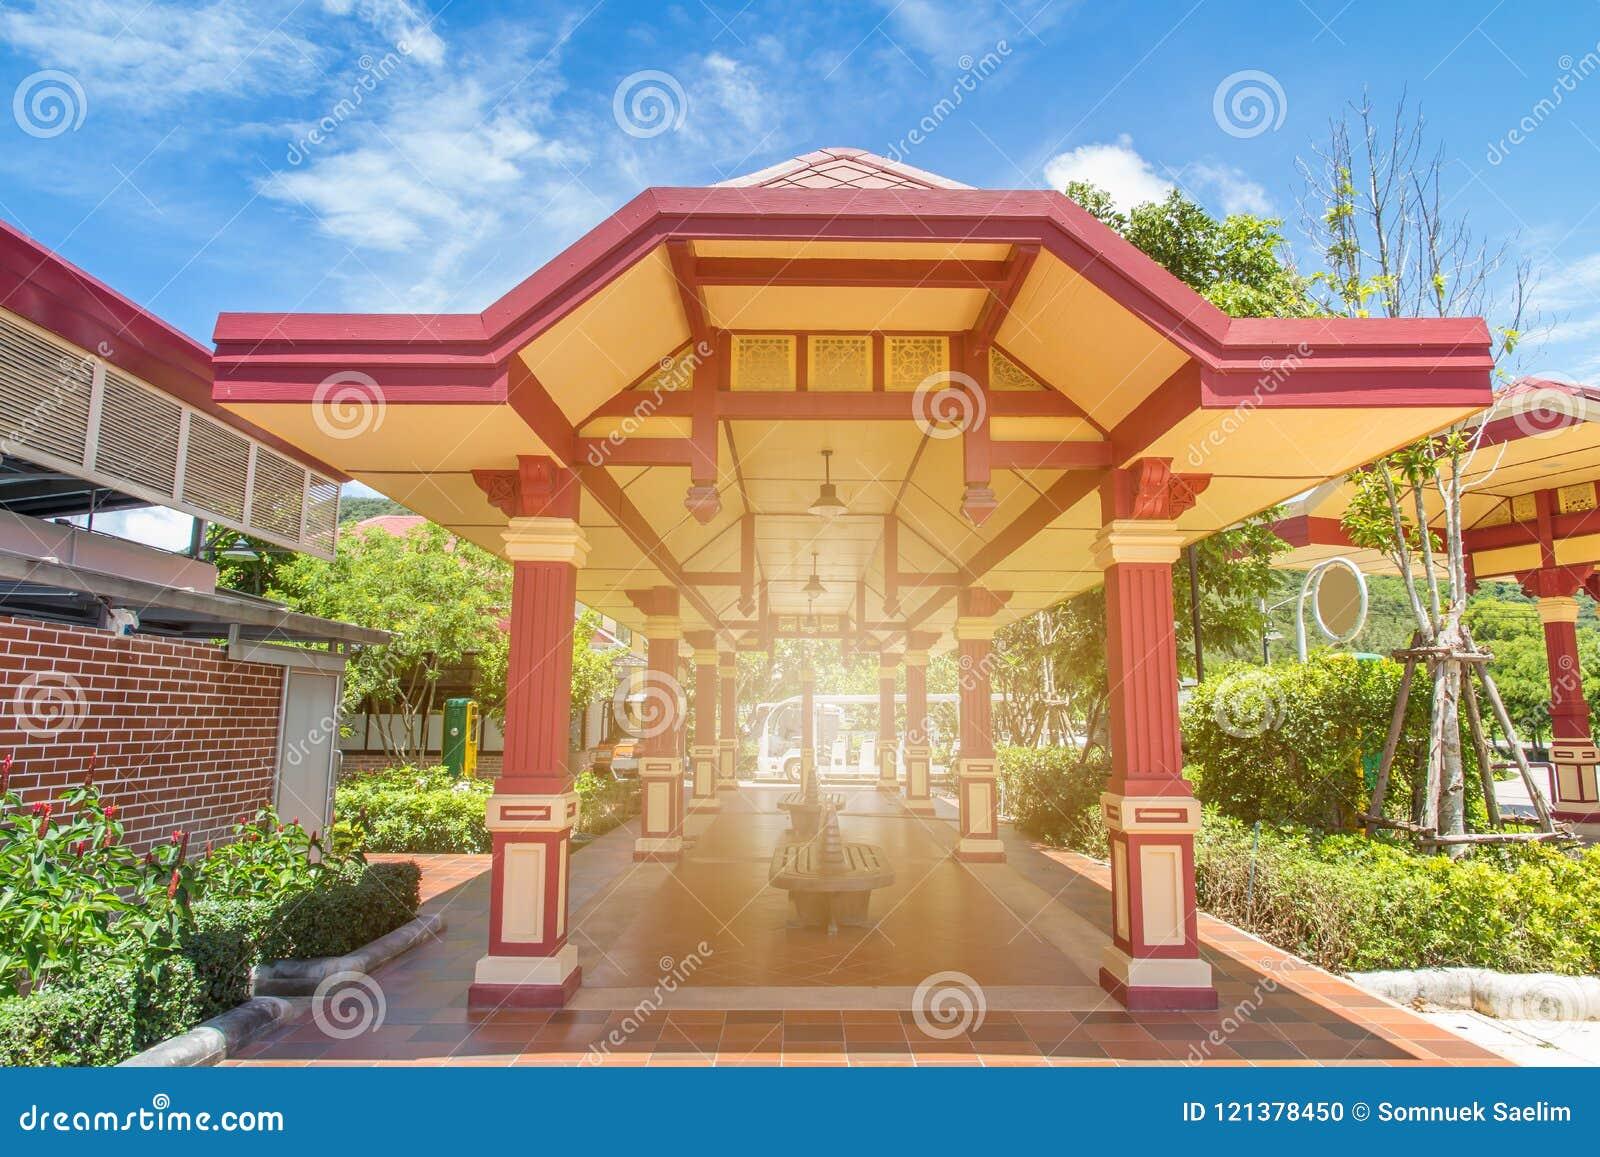 Beautiful red pavilion in a car park for rest tourism,public arc